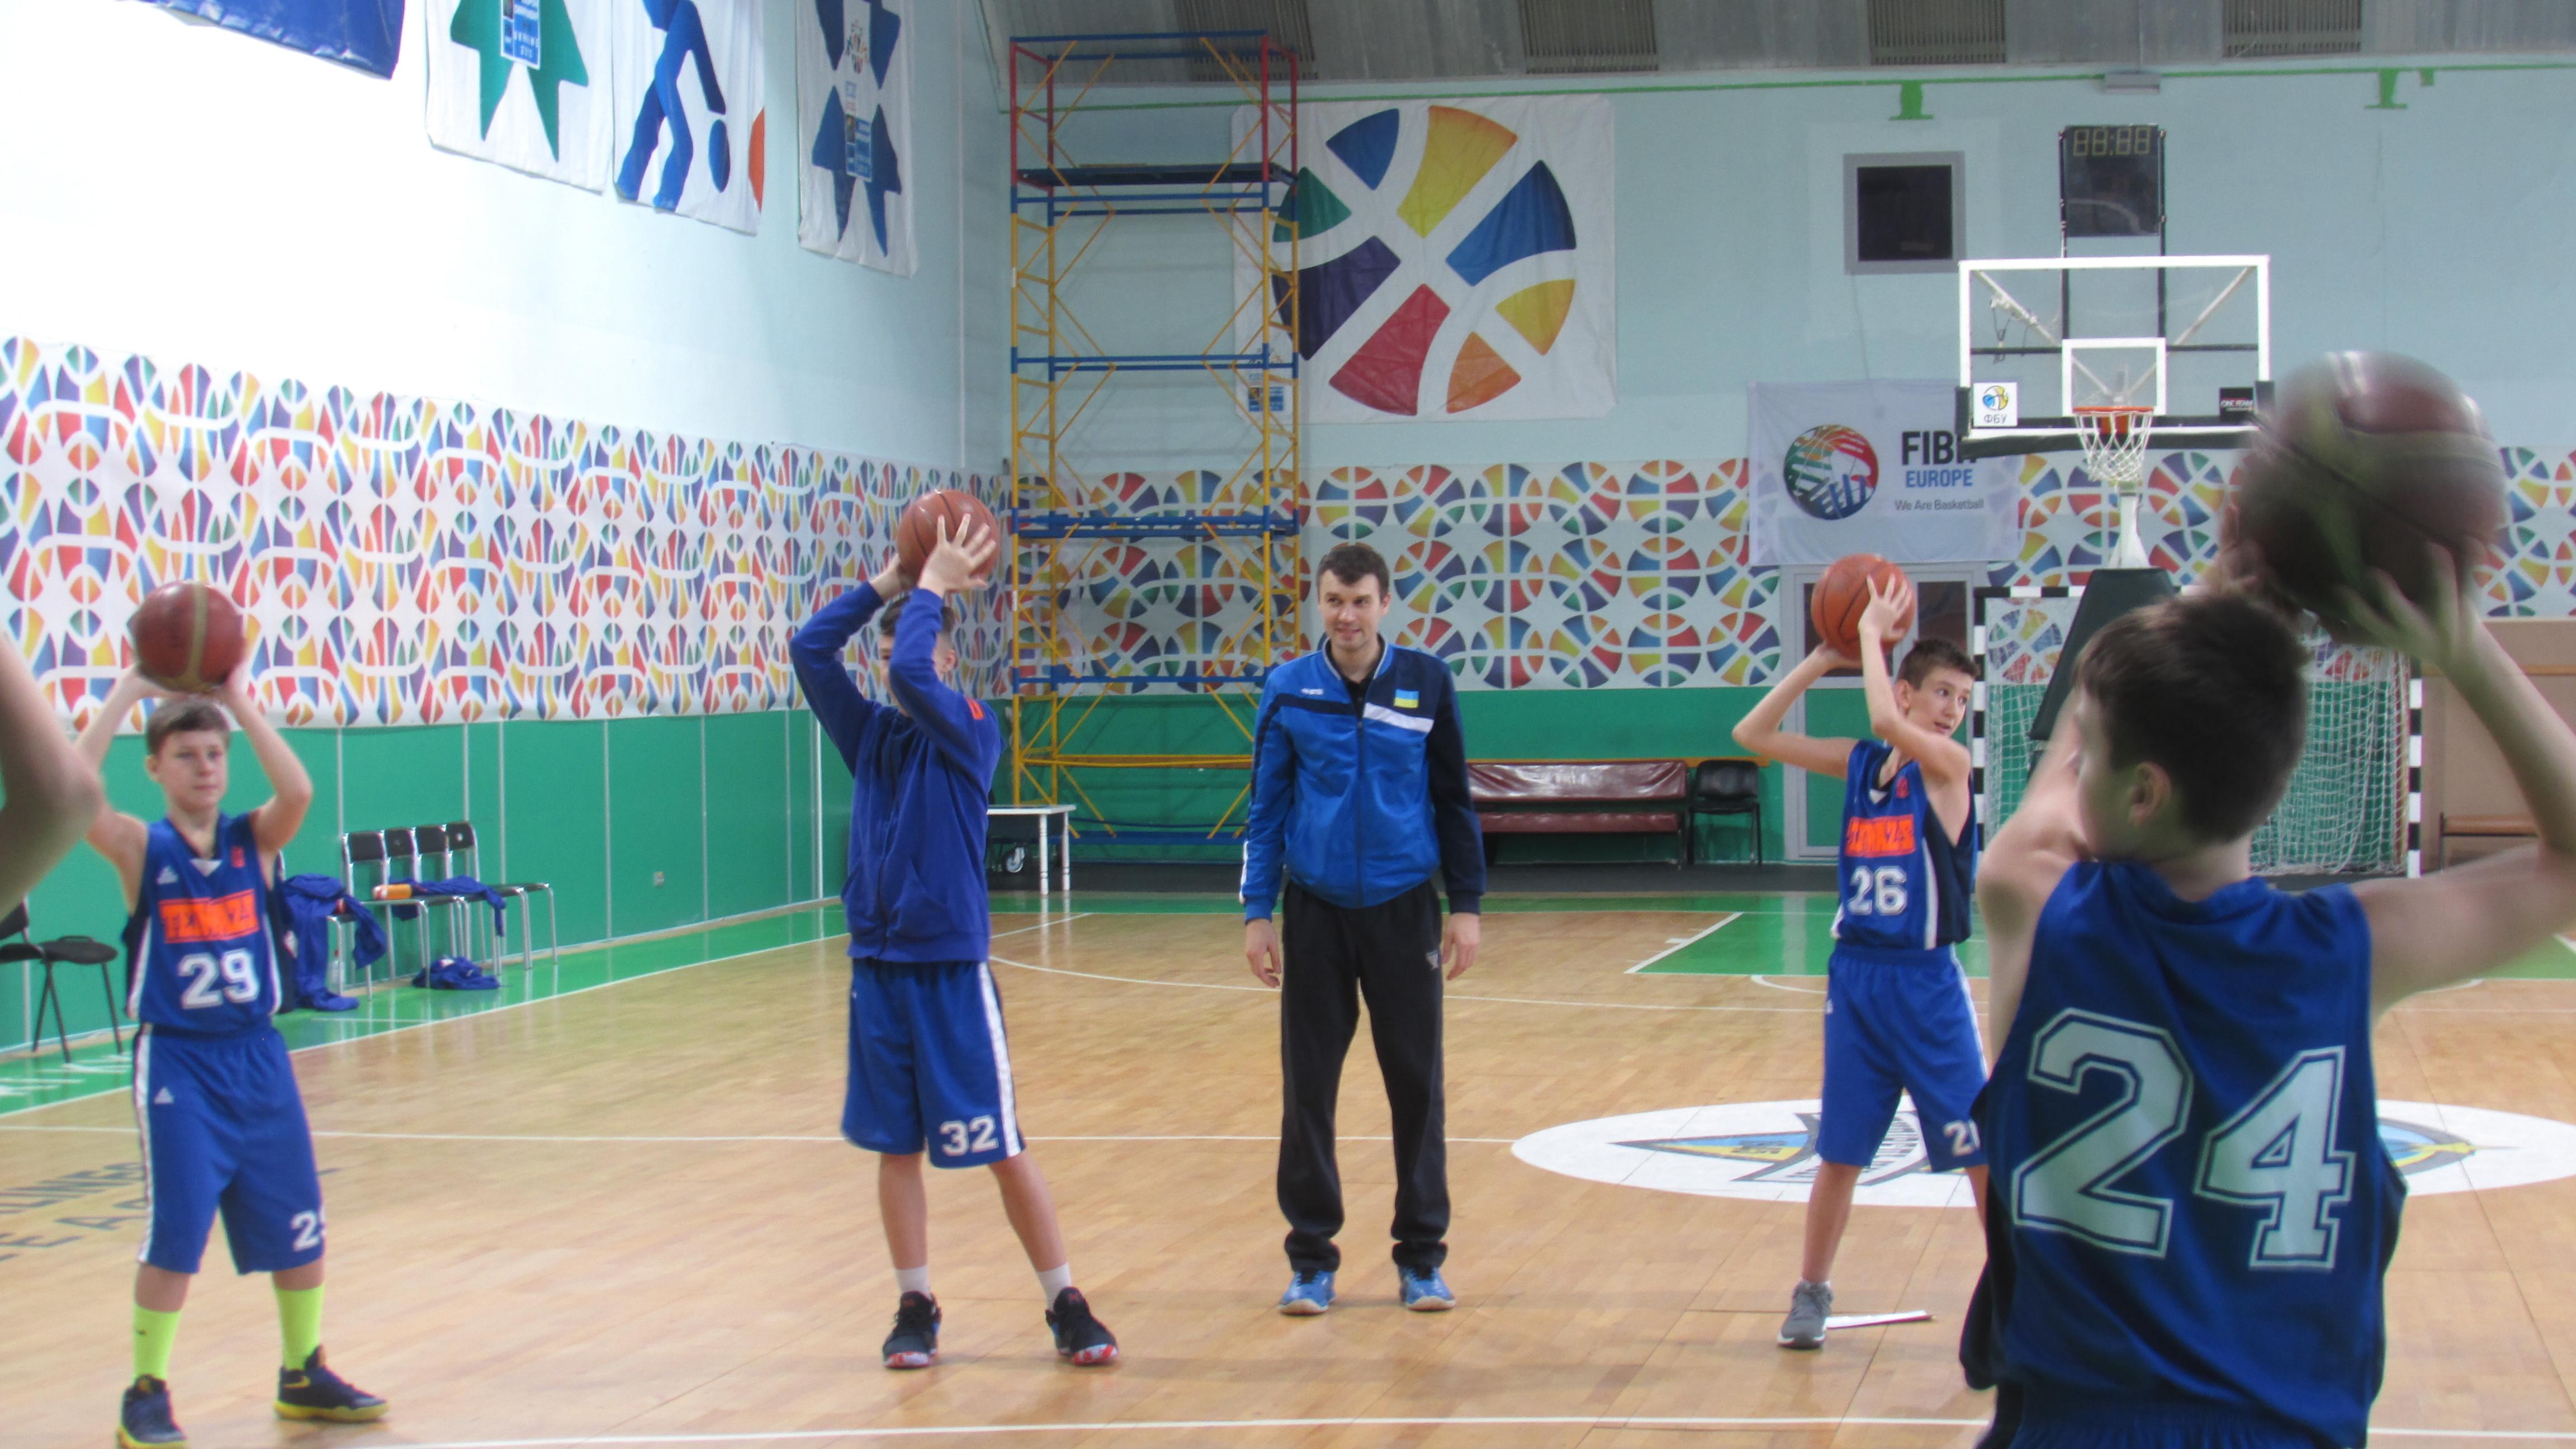 Дитячі тренери з різних міст України прибули до Києва на дводенний семінар з мінібаскету